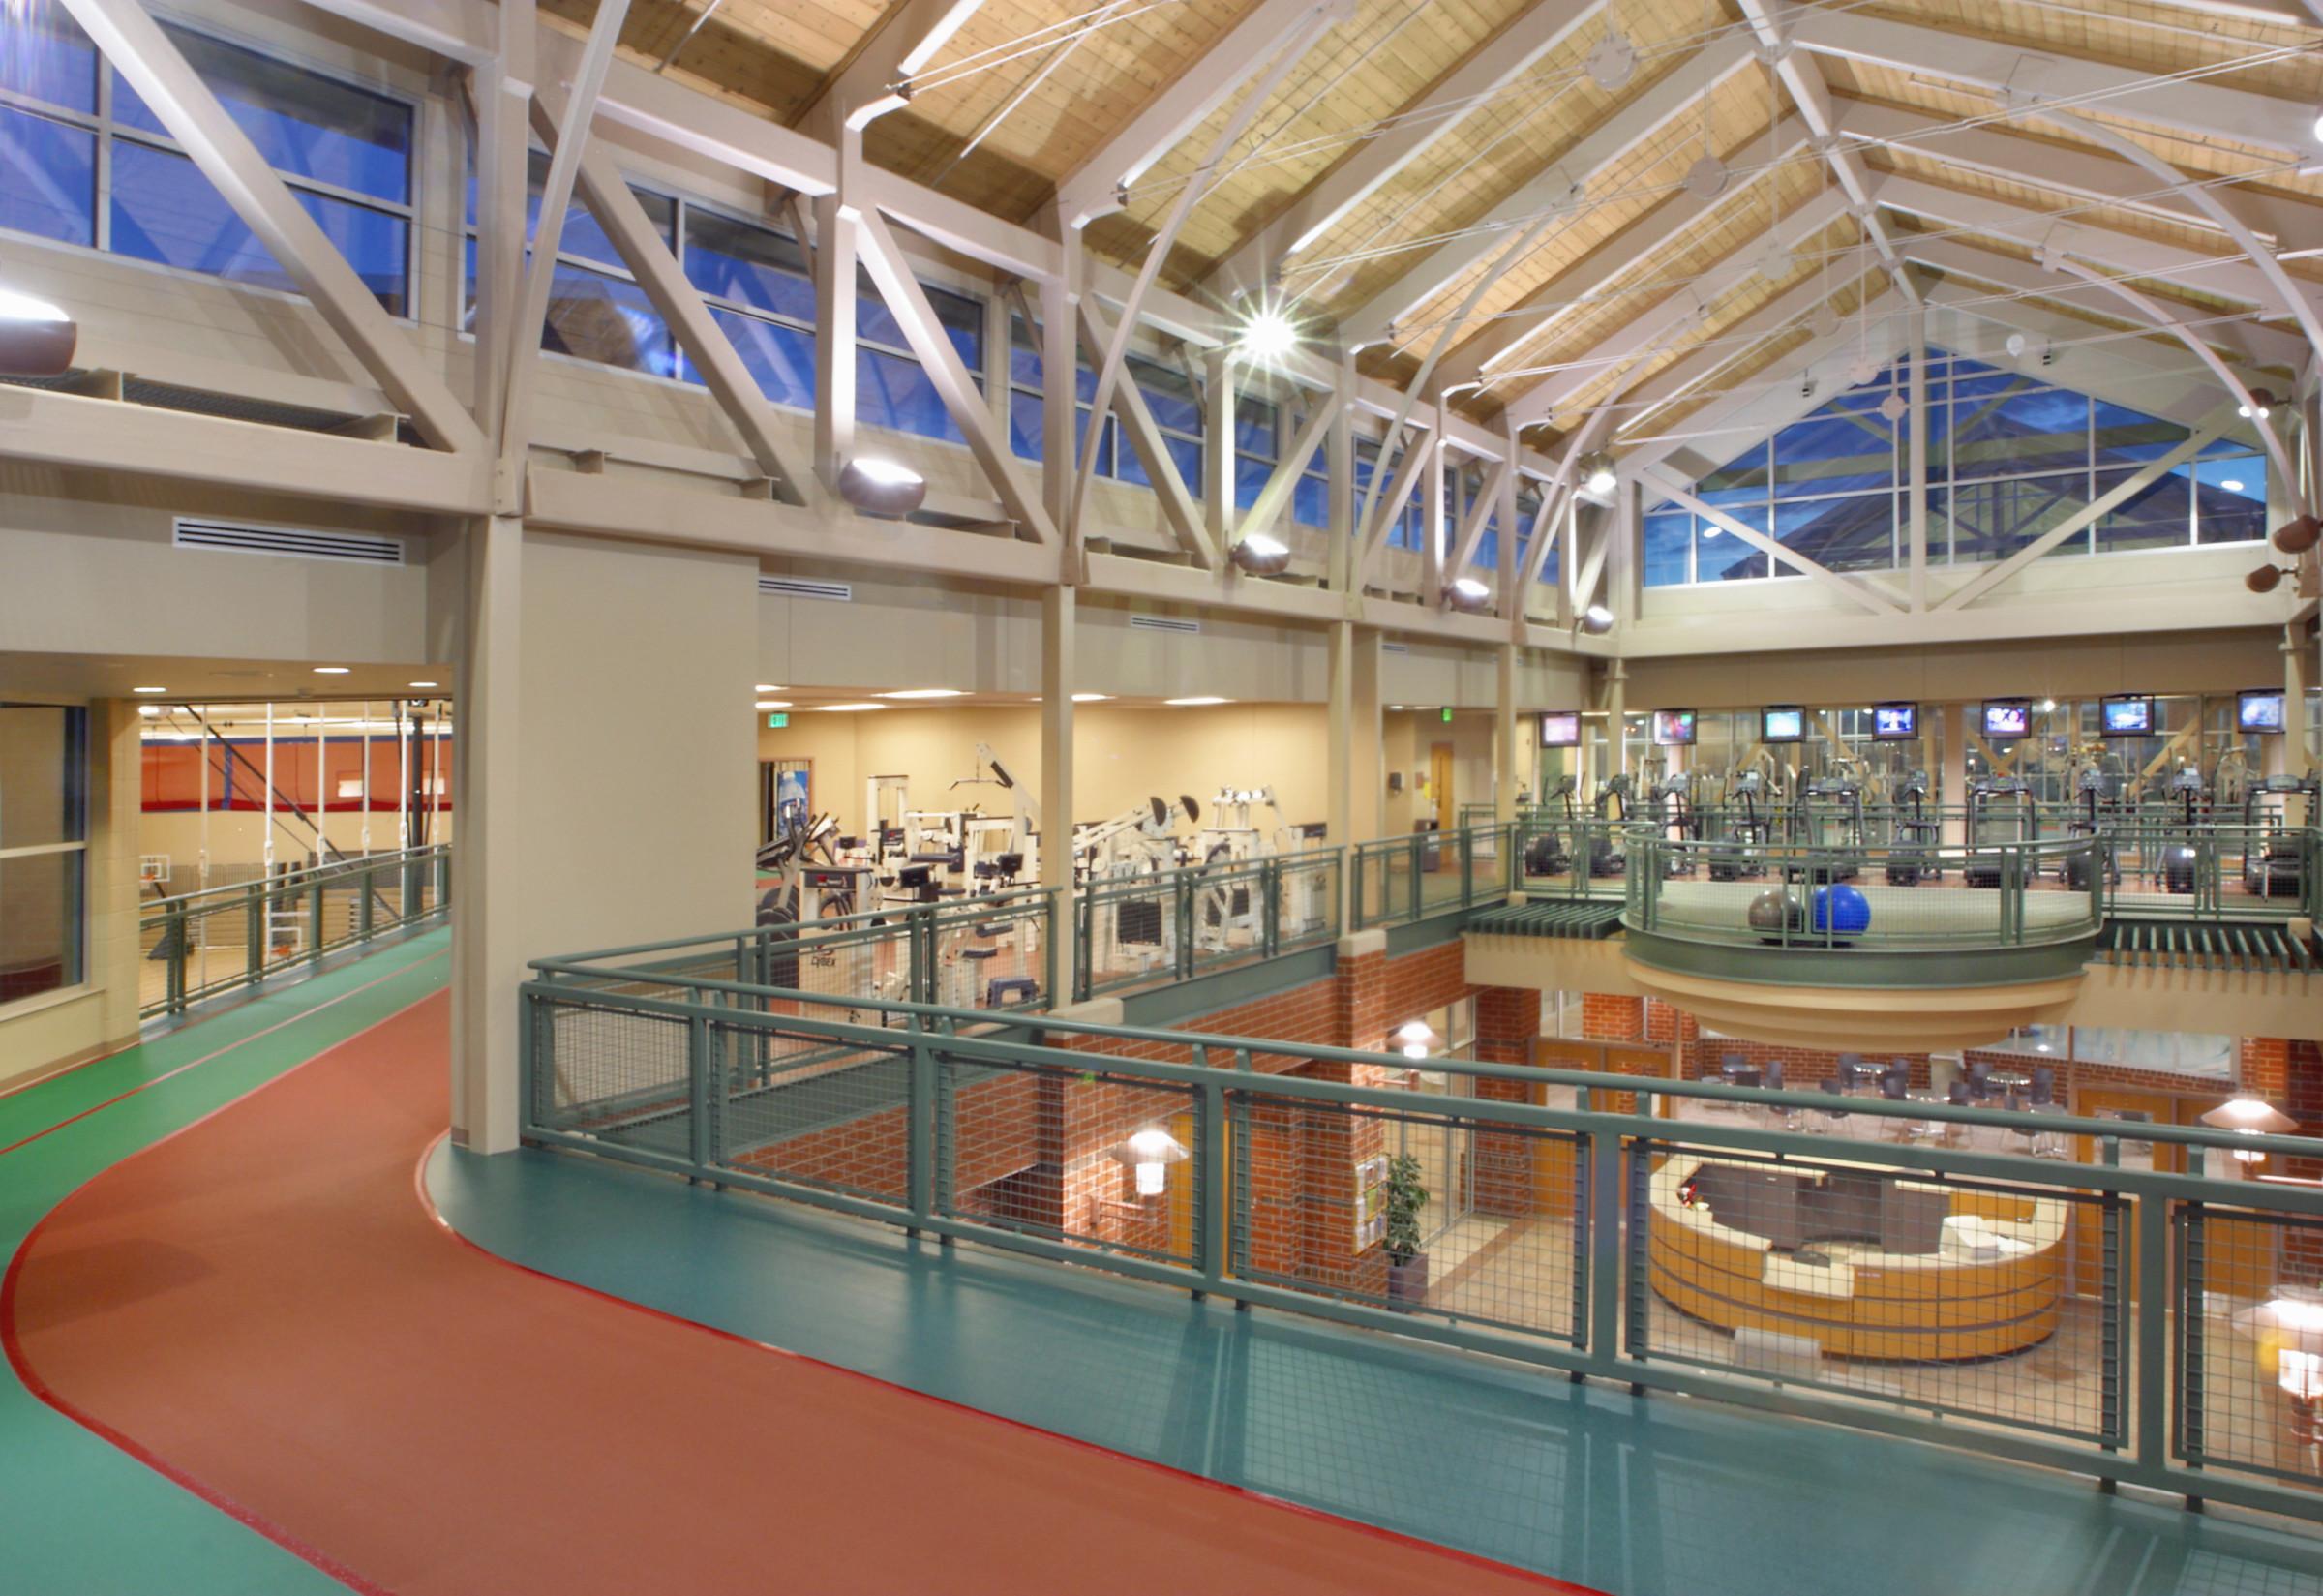 Marshalltown Community YMCA